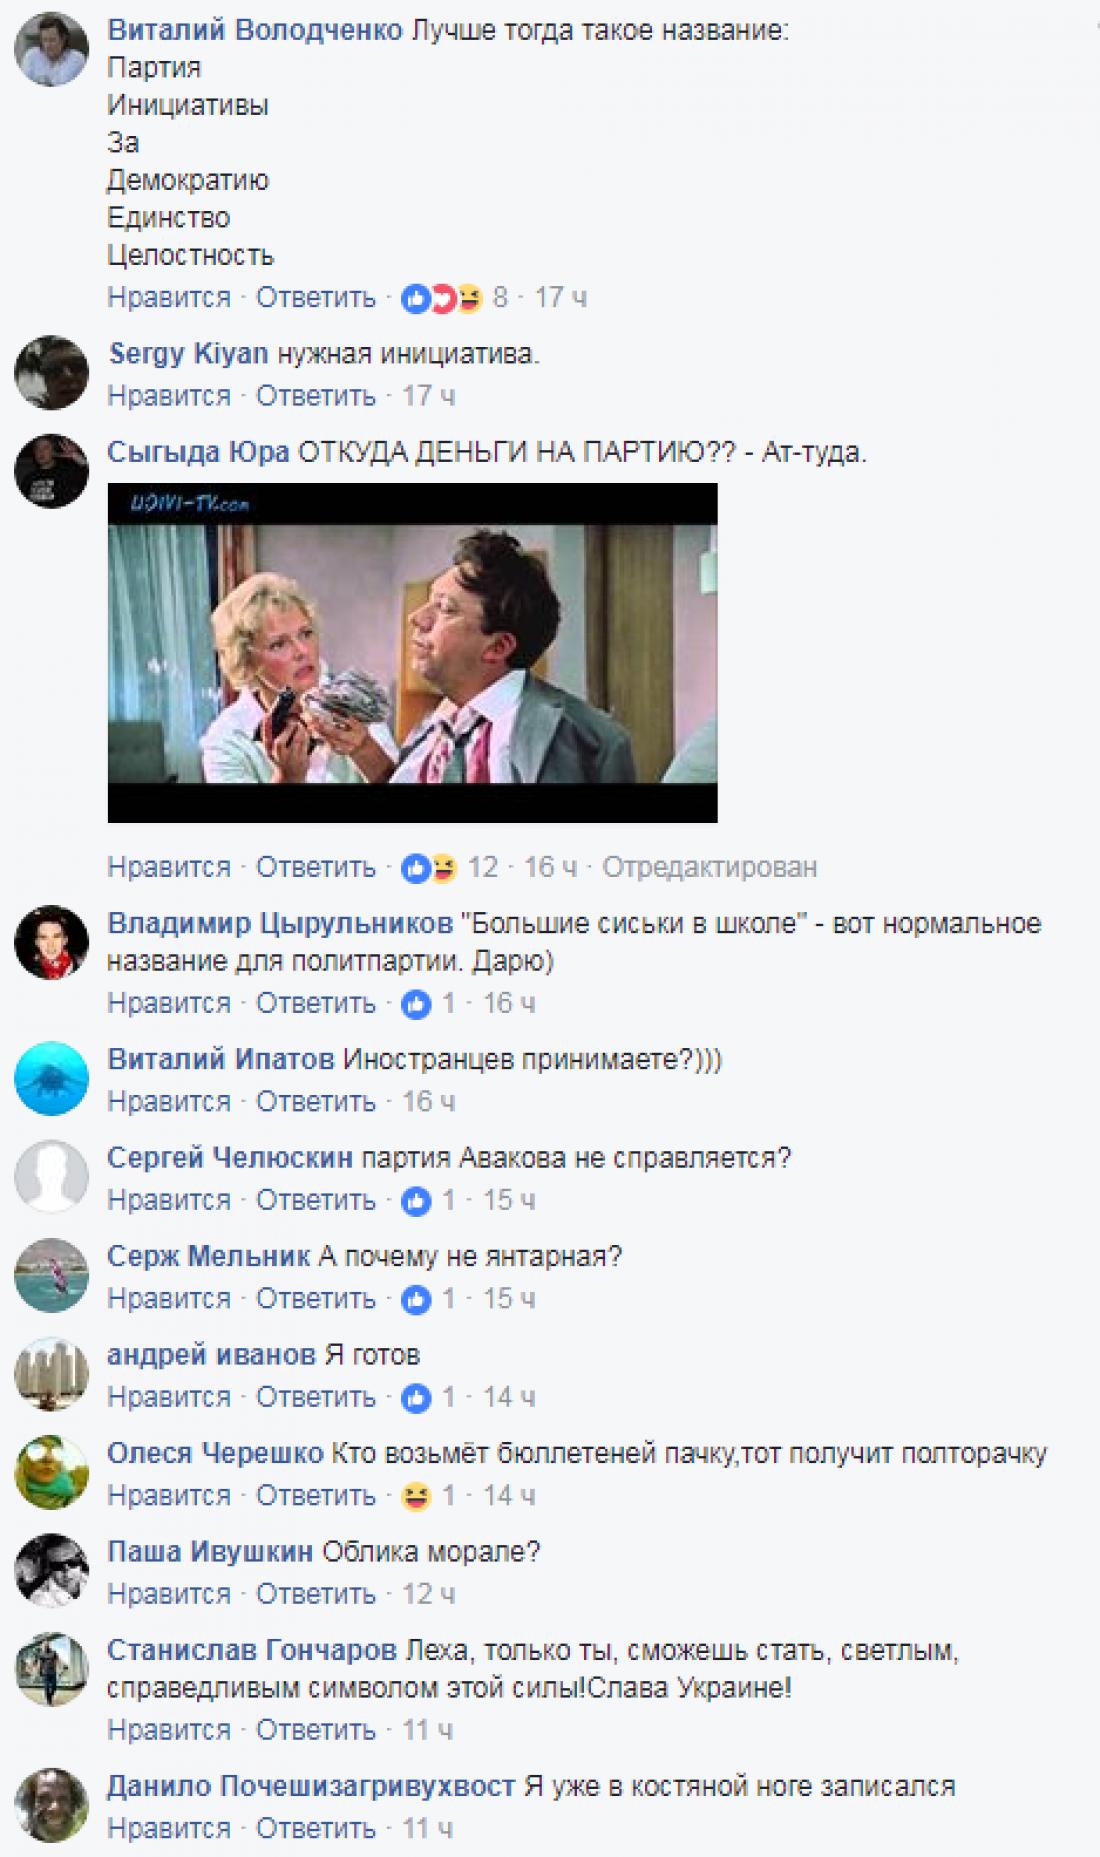 Комментарии к публикации Дурнева о новой партии